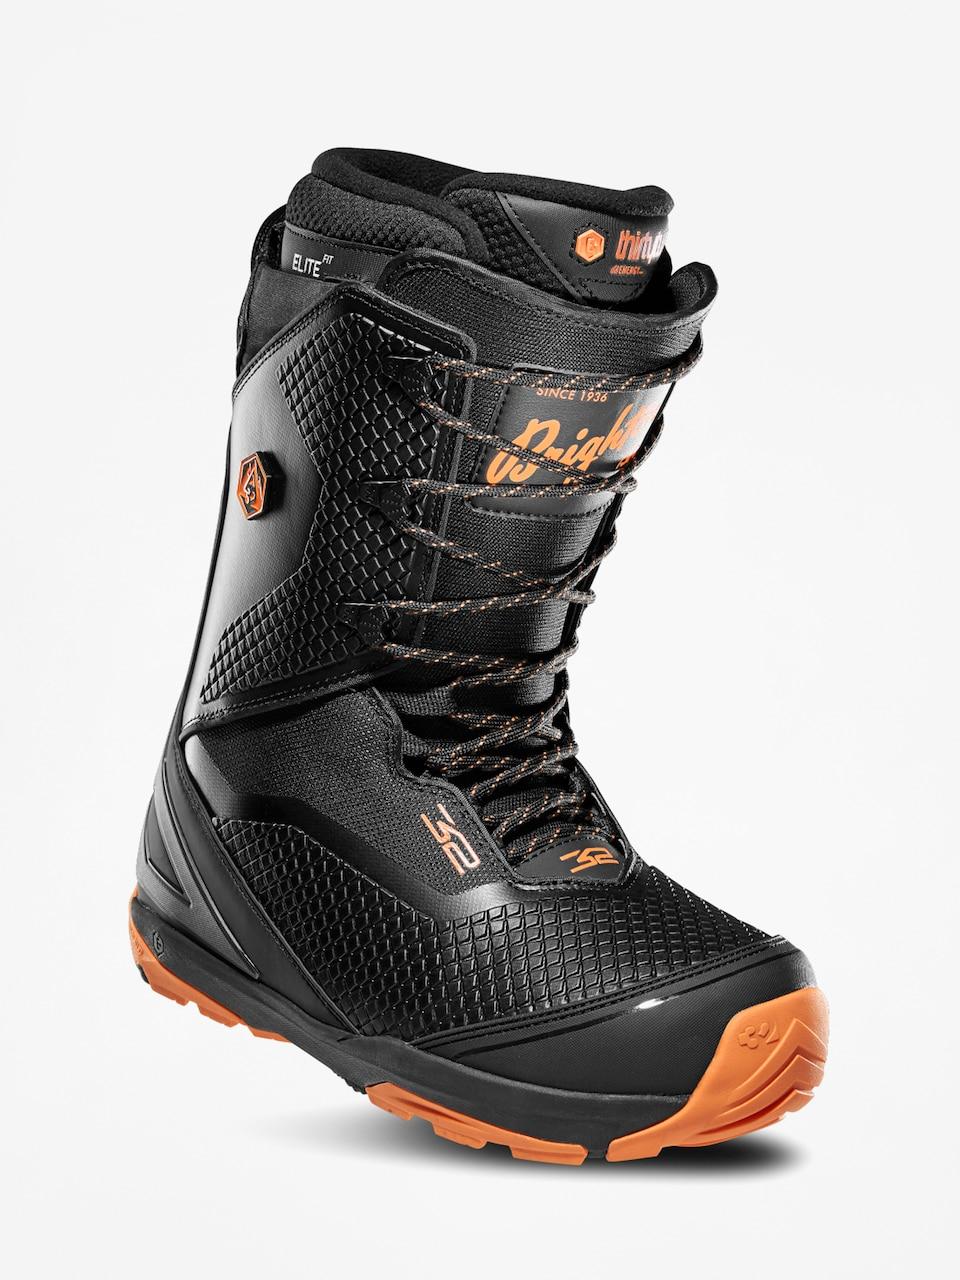 Buty snowboardowe: miękkie, średnie, sztywne | SUPERSKLEP